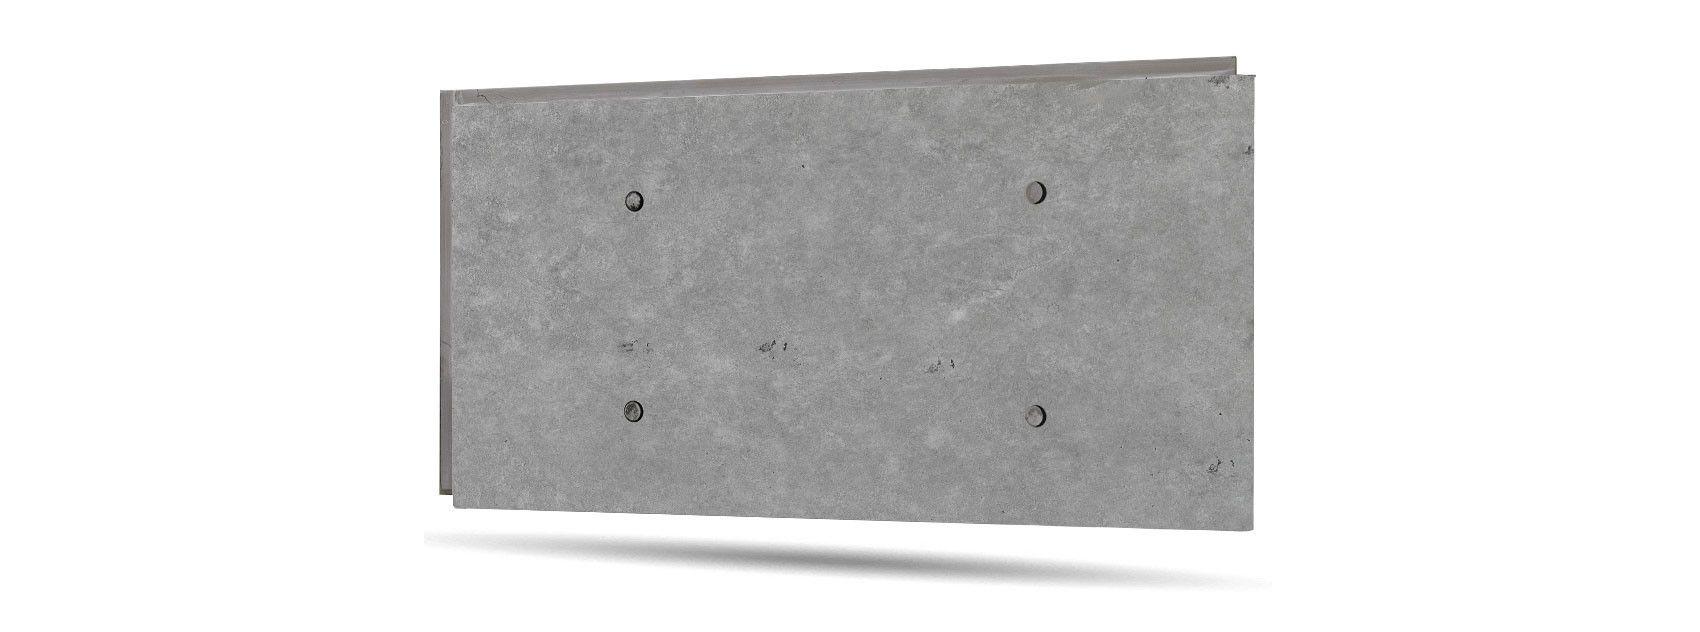 Urbanconcrete 24 Faux Concrete Wall Concrete Wall Panels Faux Stone Panels